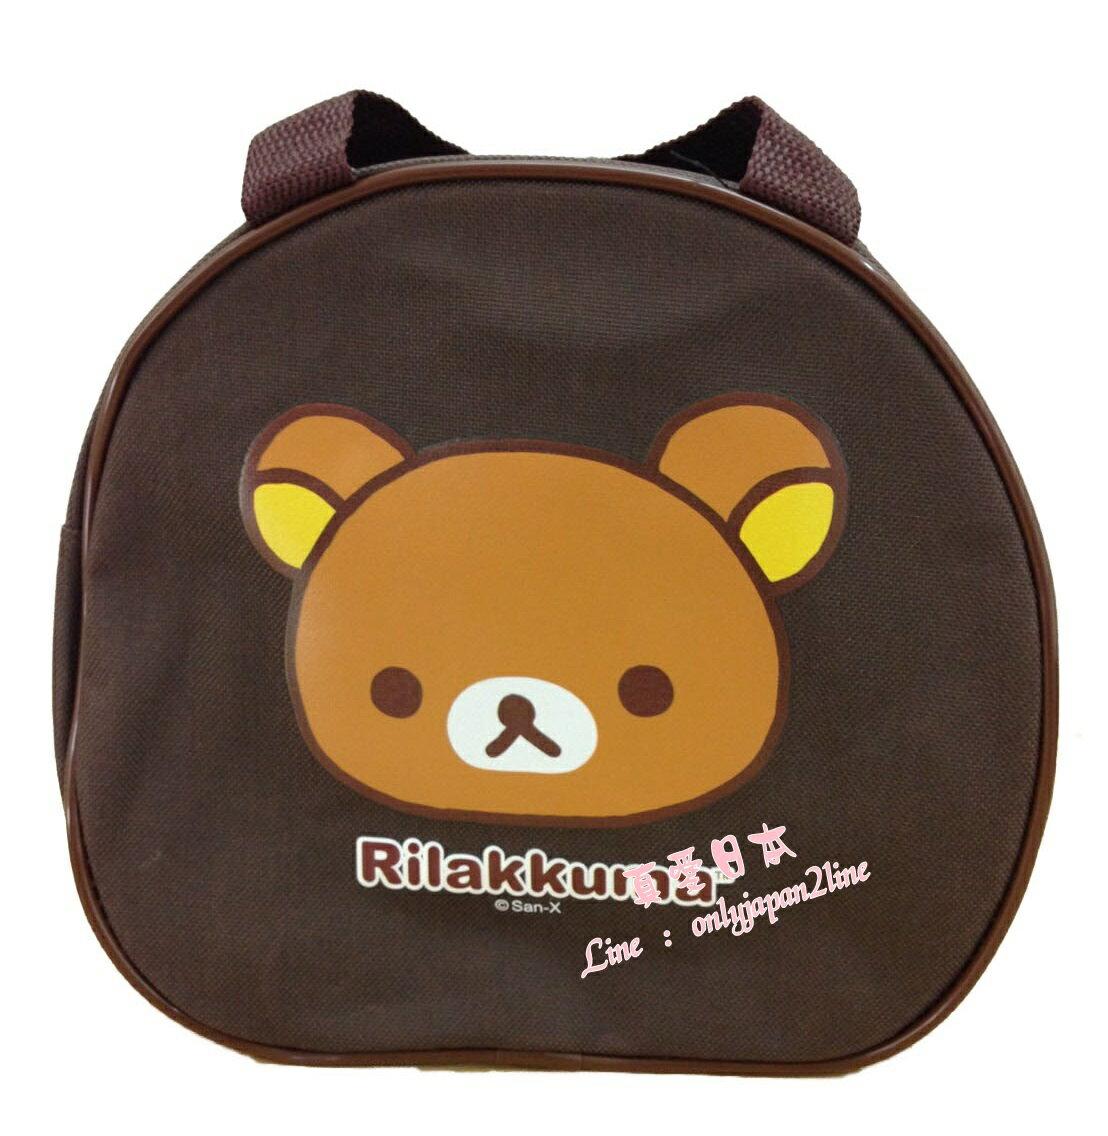 【真愛日本】16081600004手提便當袋-懶熊臉    SAN-X 懶熊 奶妹 奶熊 拉拉熊  手提袋  外出袋